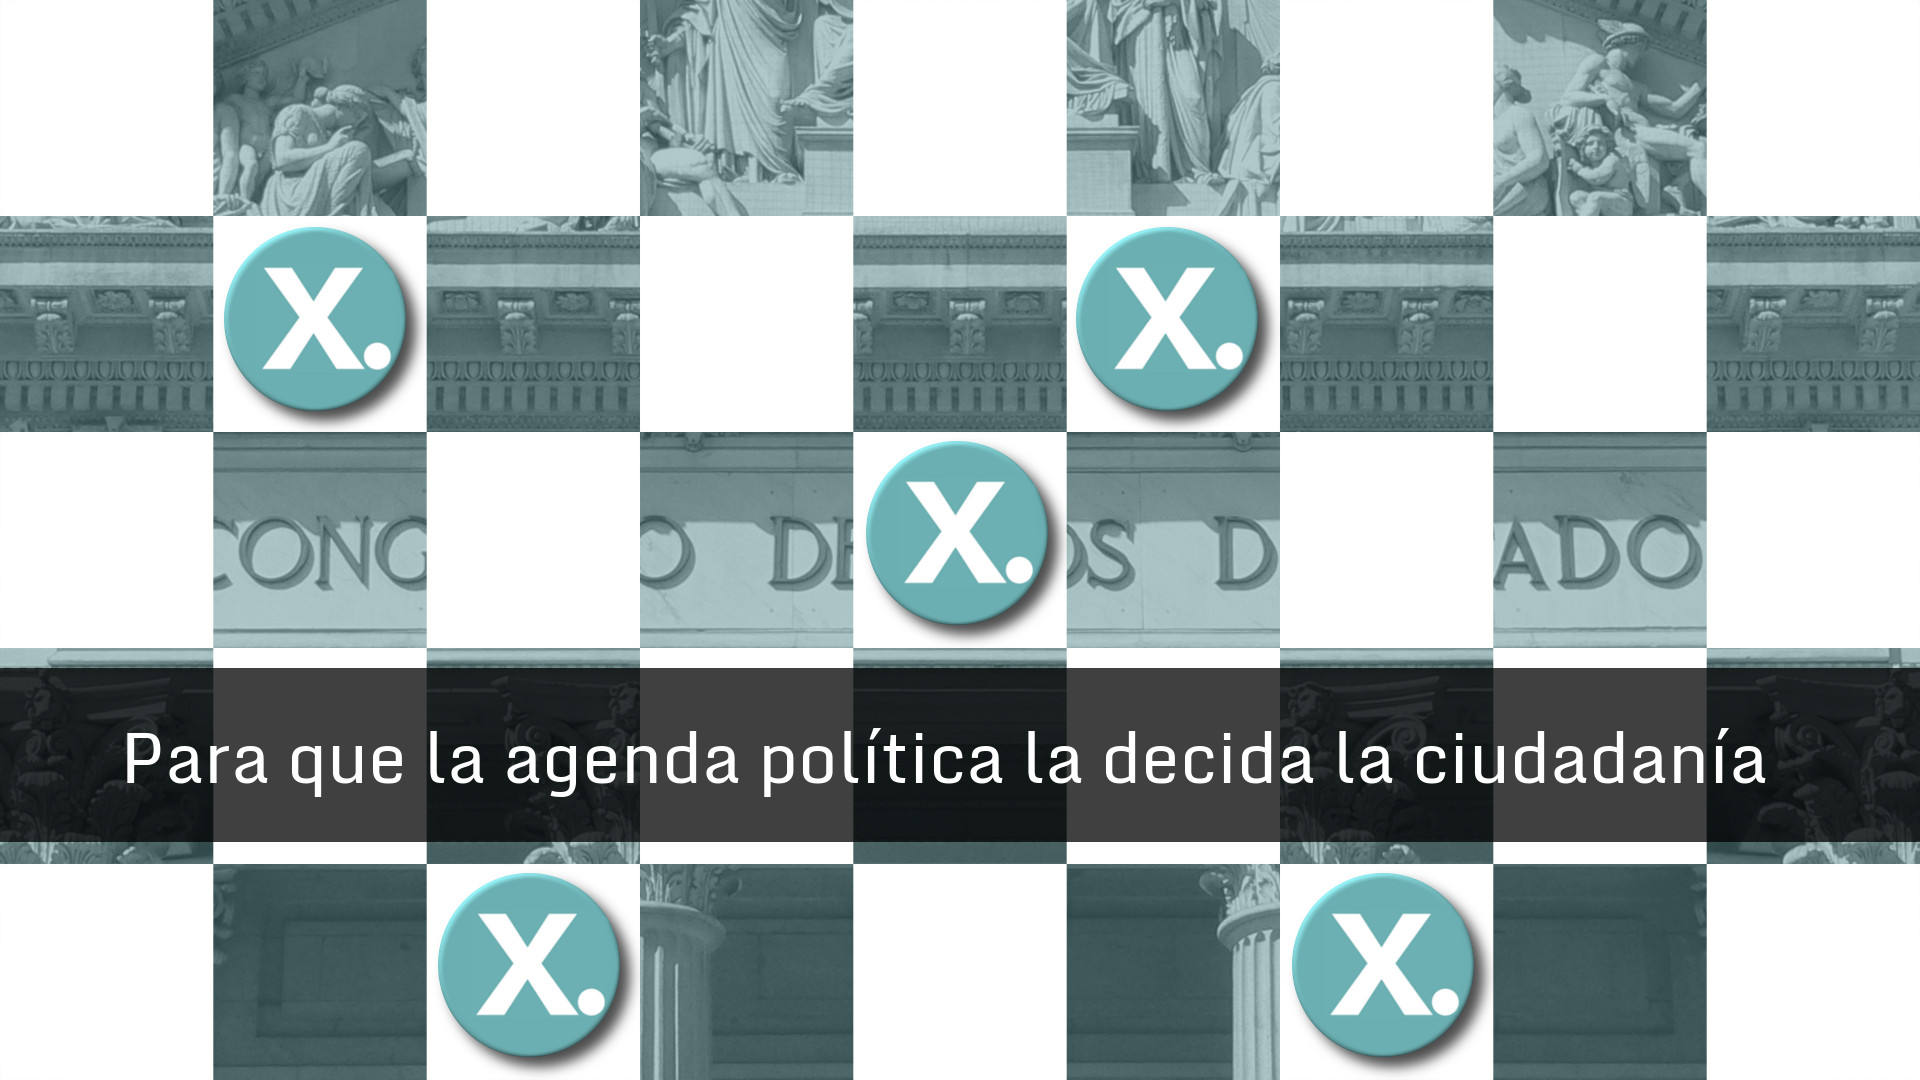 Para que la agenda politica la marque la ciudadania